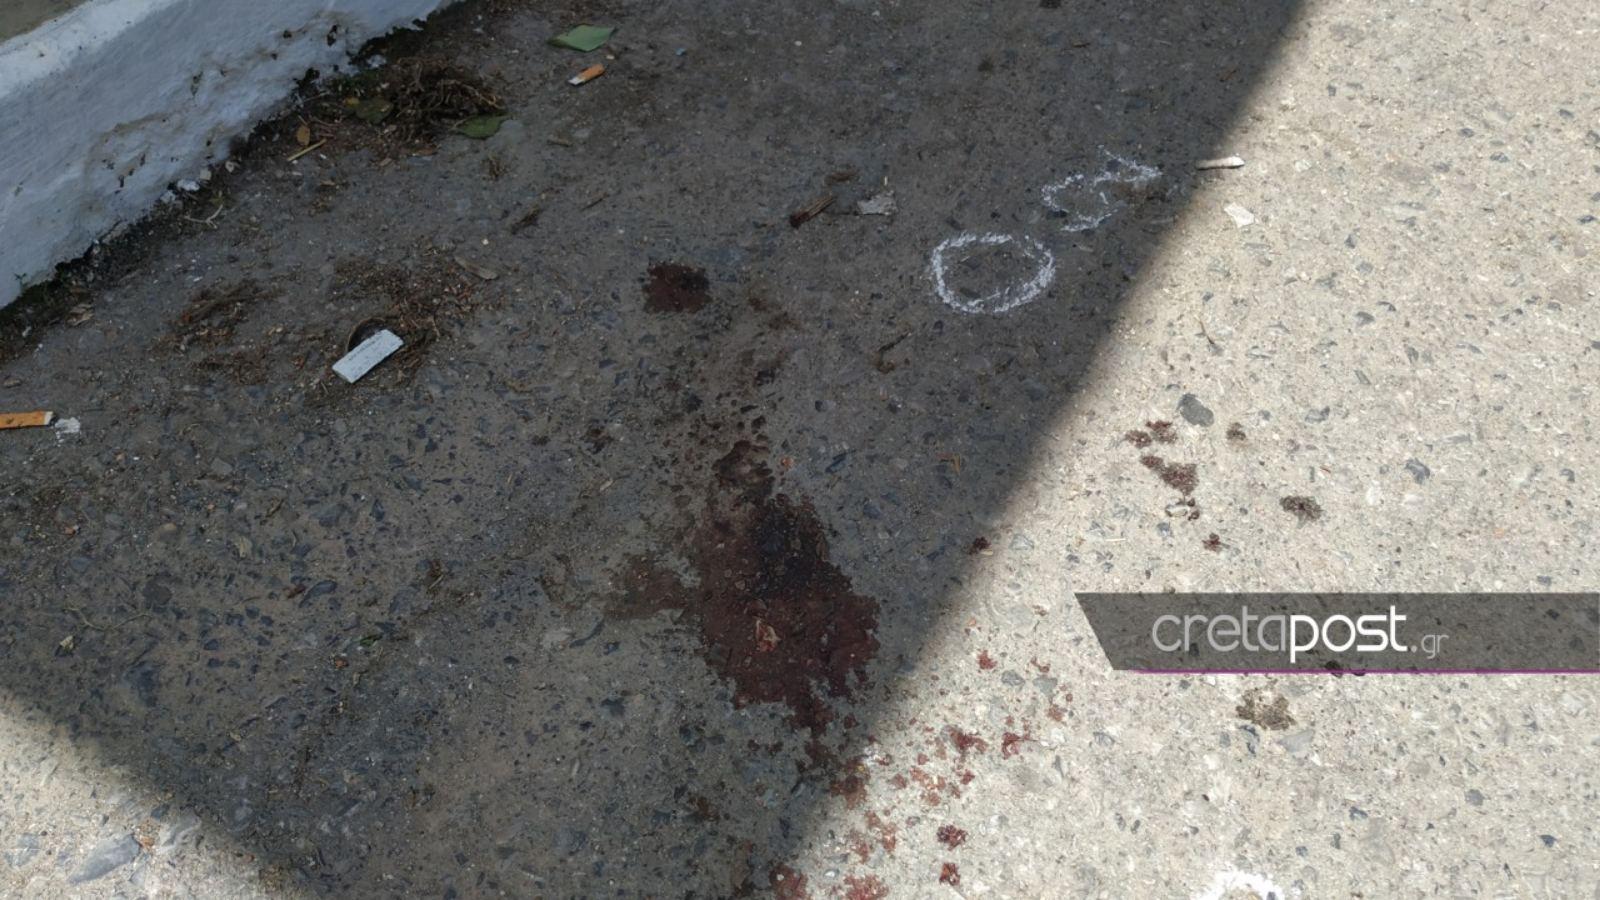 """Διπλό φονικό στα Ανώγεια: Η βαλλιστική """"μίλησε"""" – Ποια σφαίρα σκότωσε τον Καλομοίρη"""